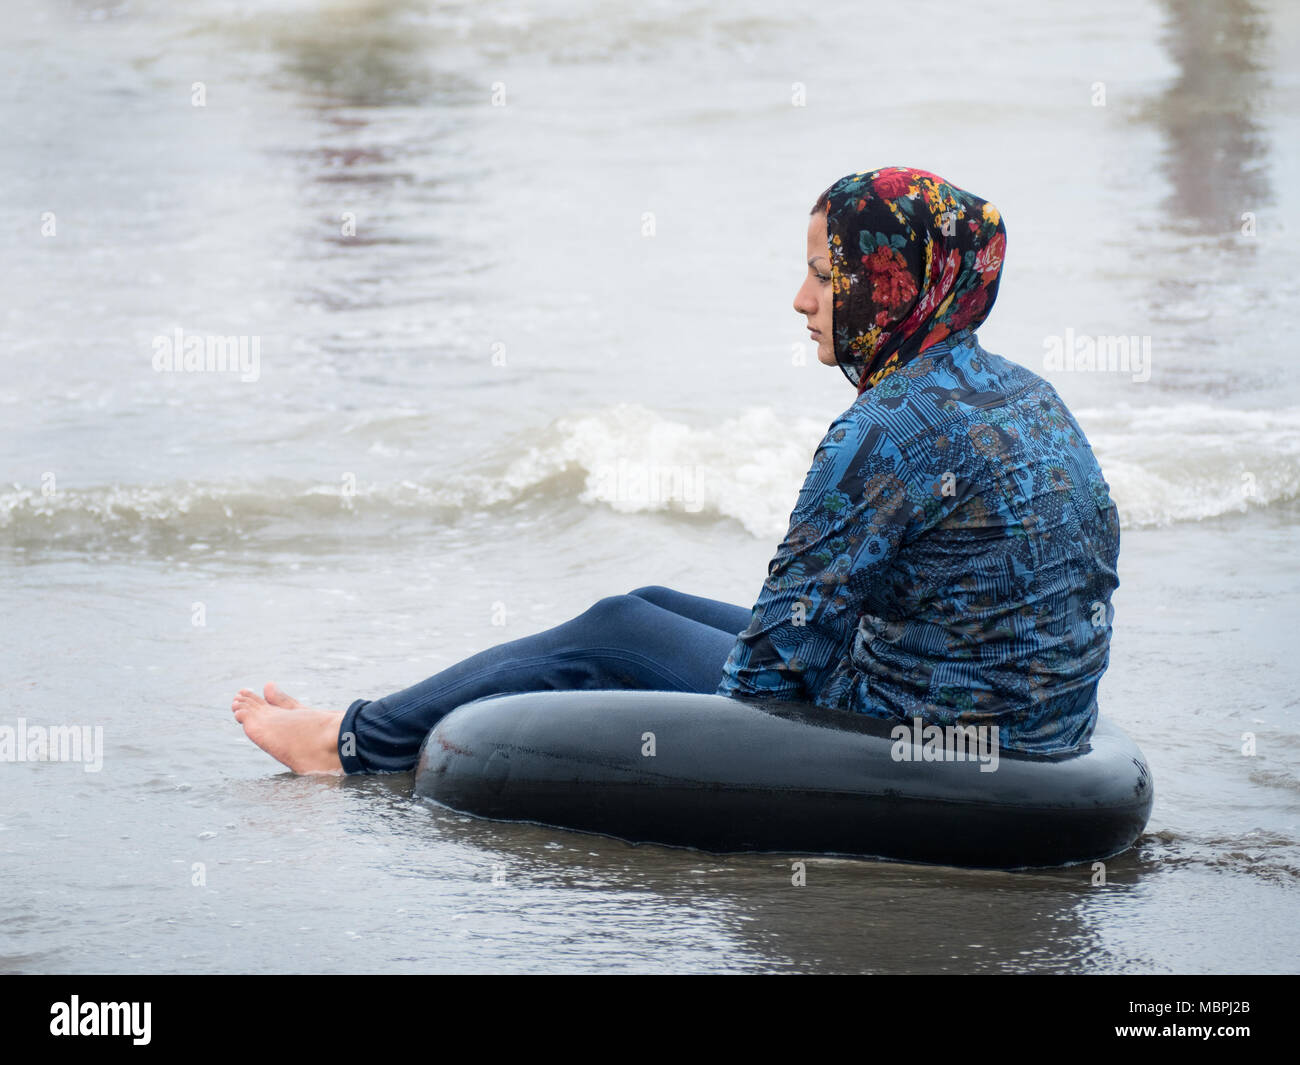 Babolsar, Irán - Julio 24, 2016 : completamente vestidos niña - de acuerdo con las normas islámicas - remando en el mar Caspio Imagen De Stock